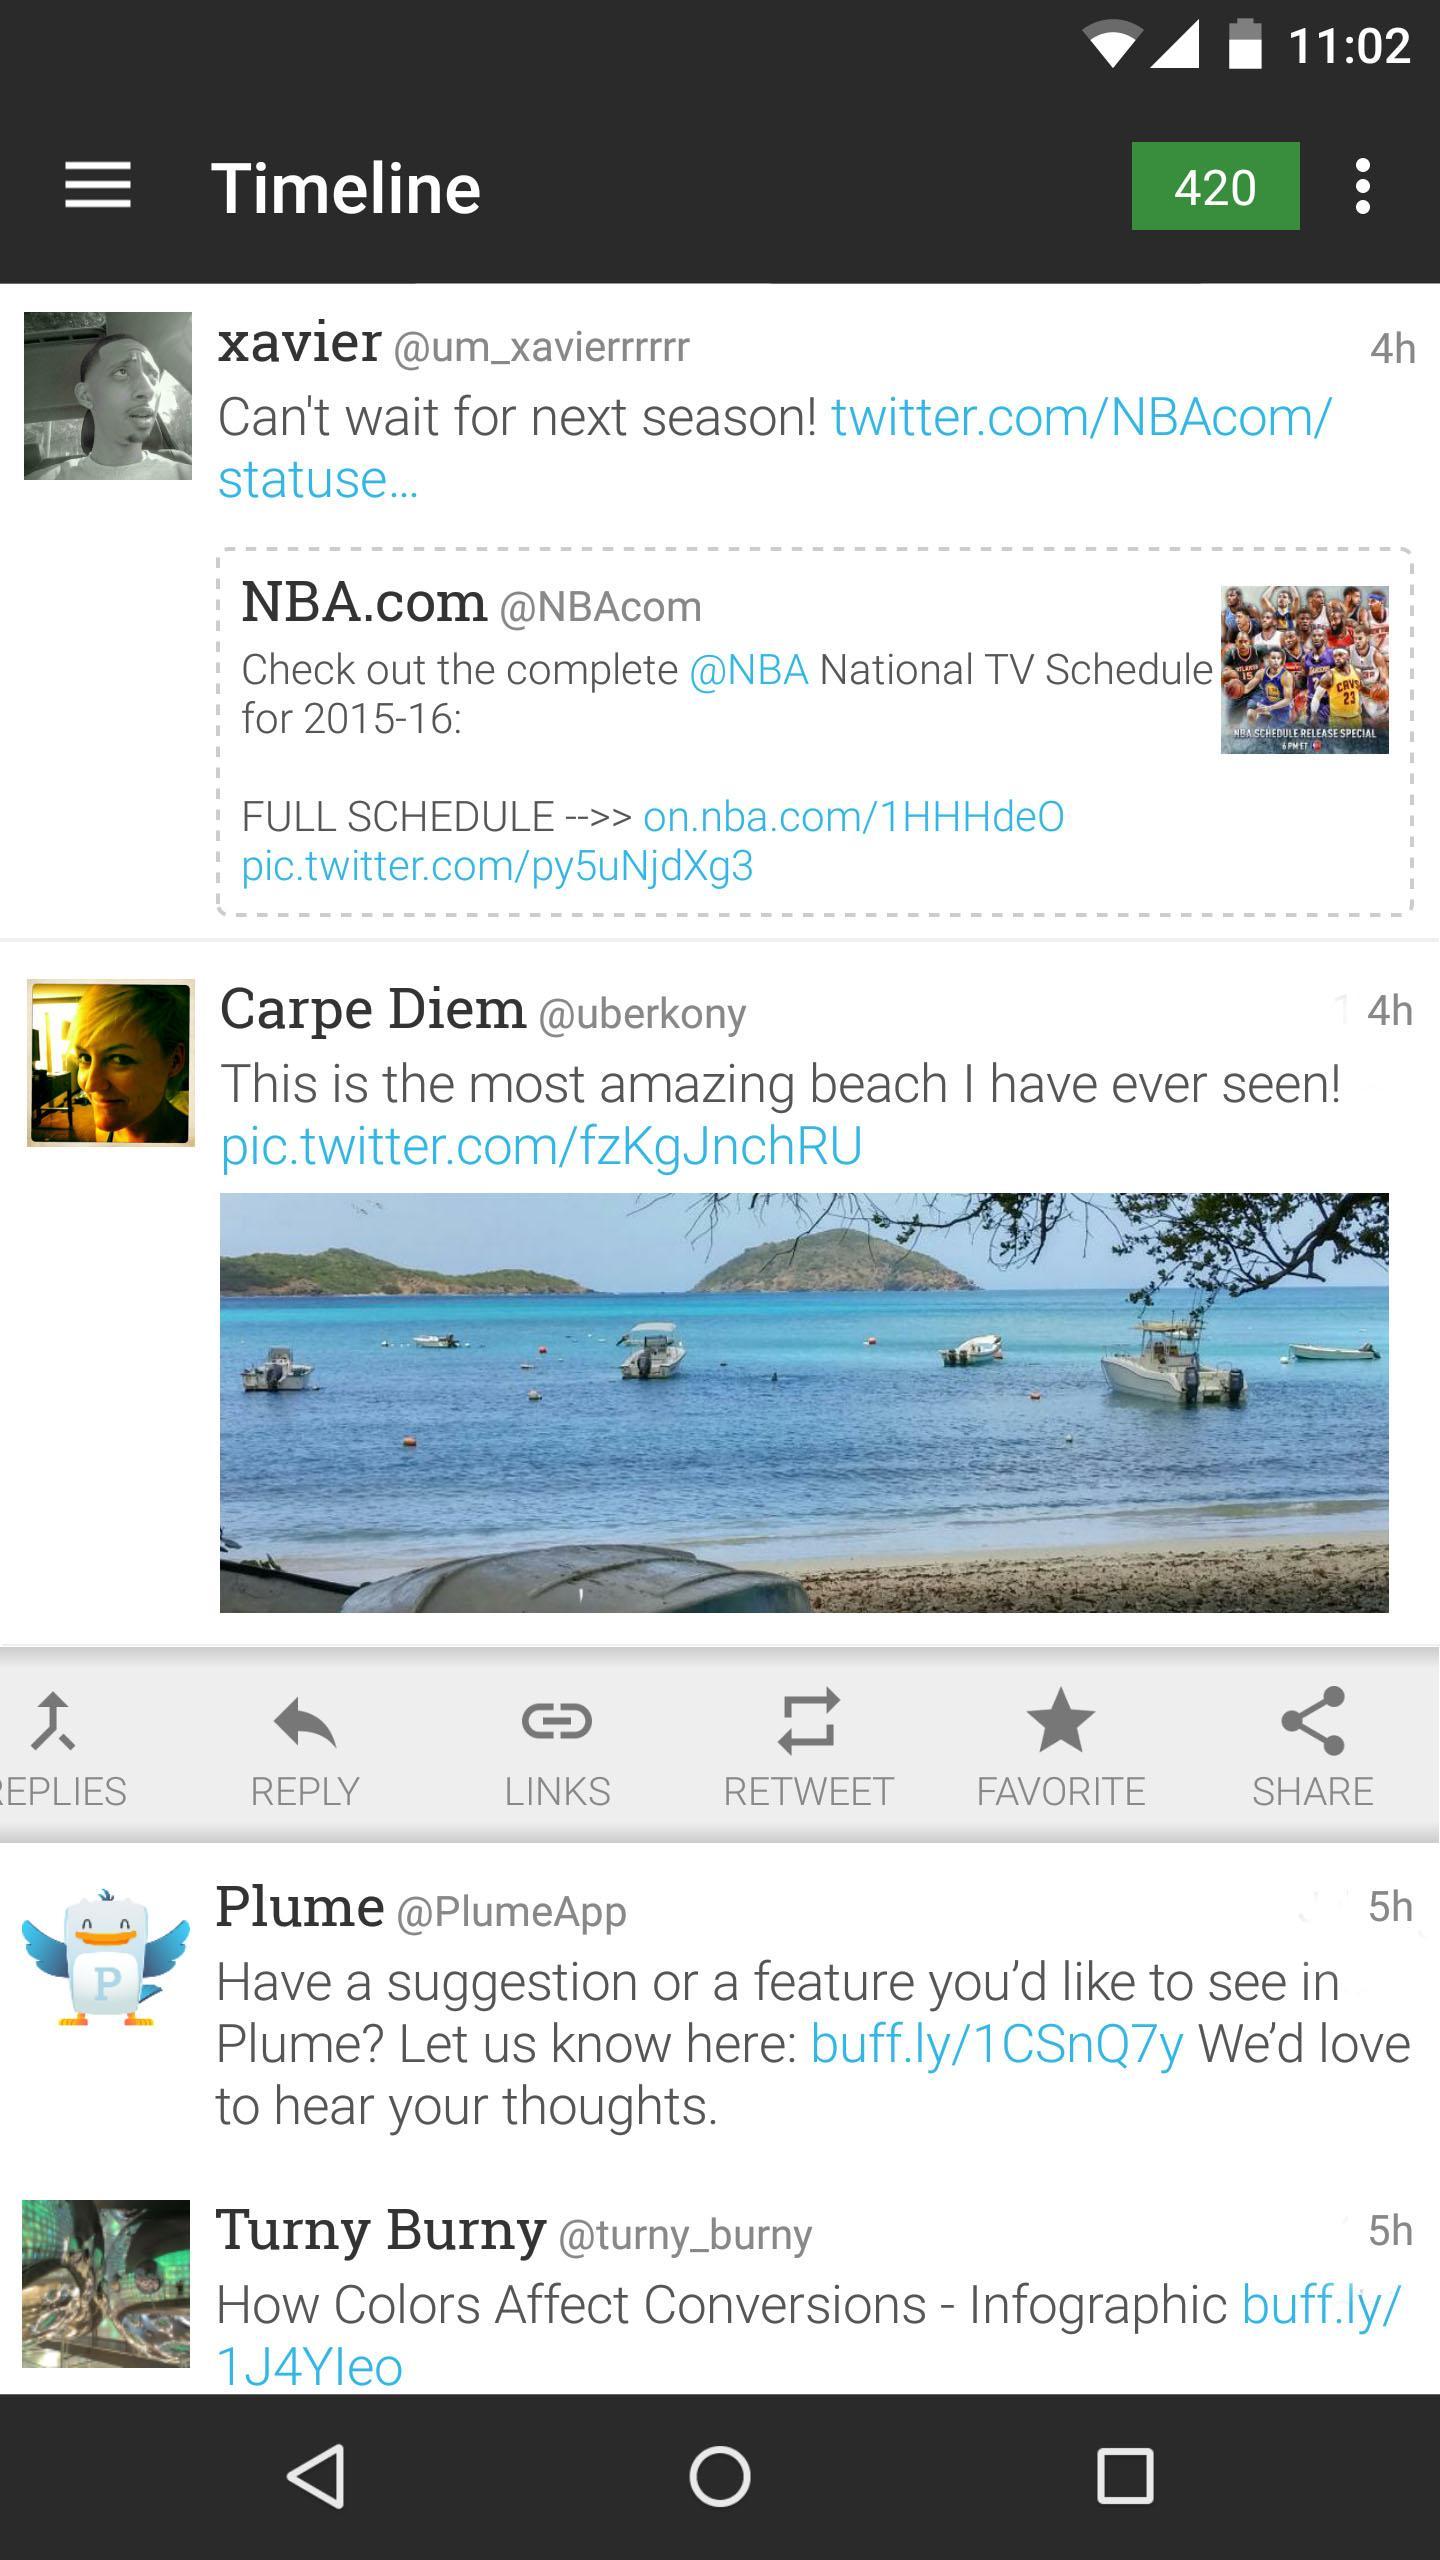 Plume for Twitter screenshot #2